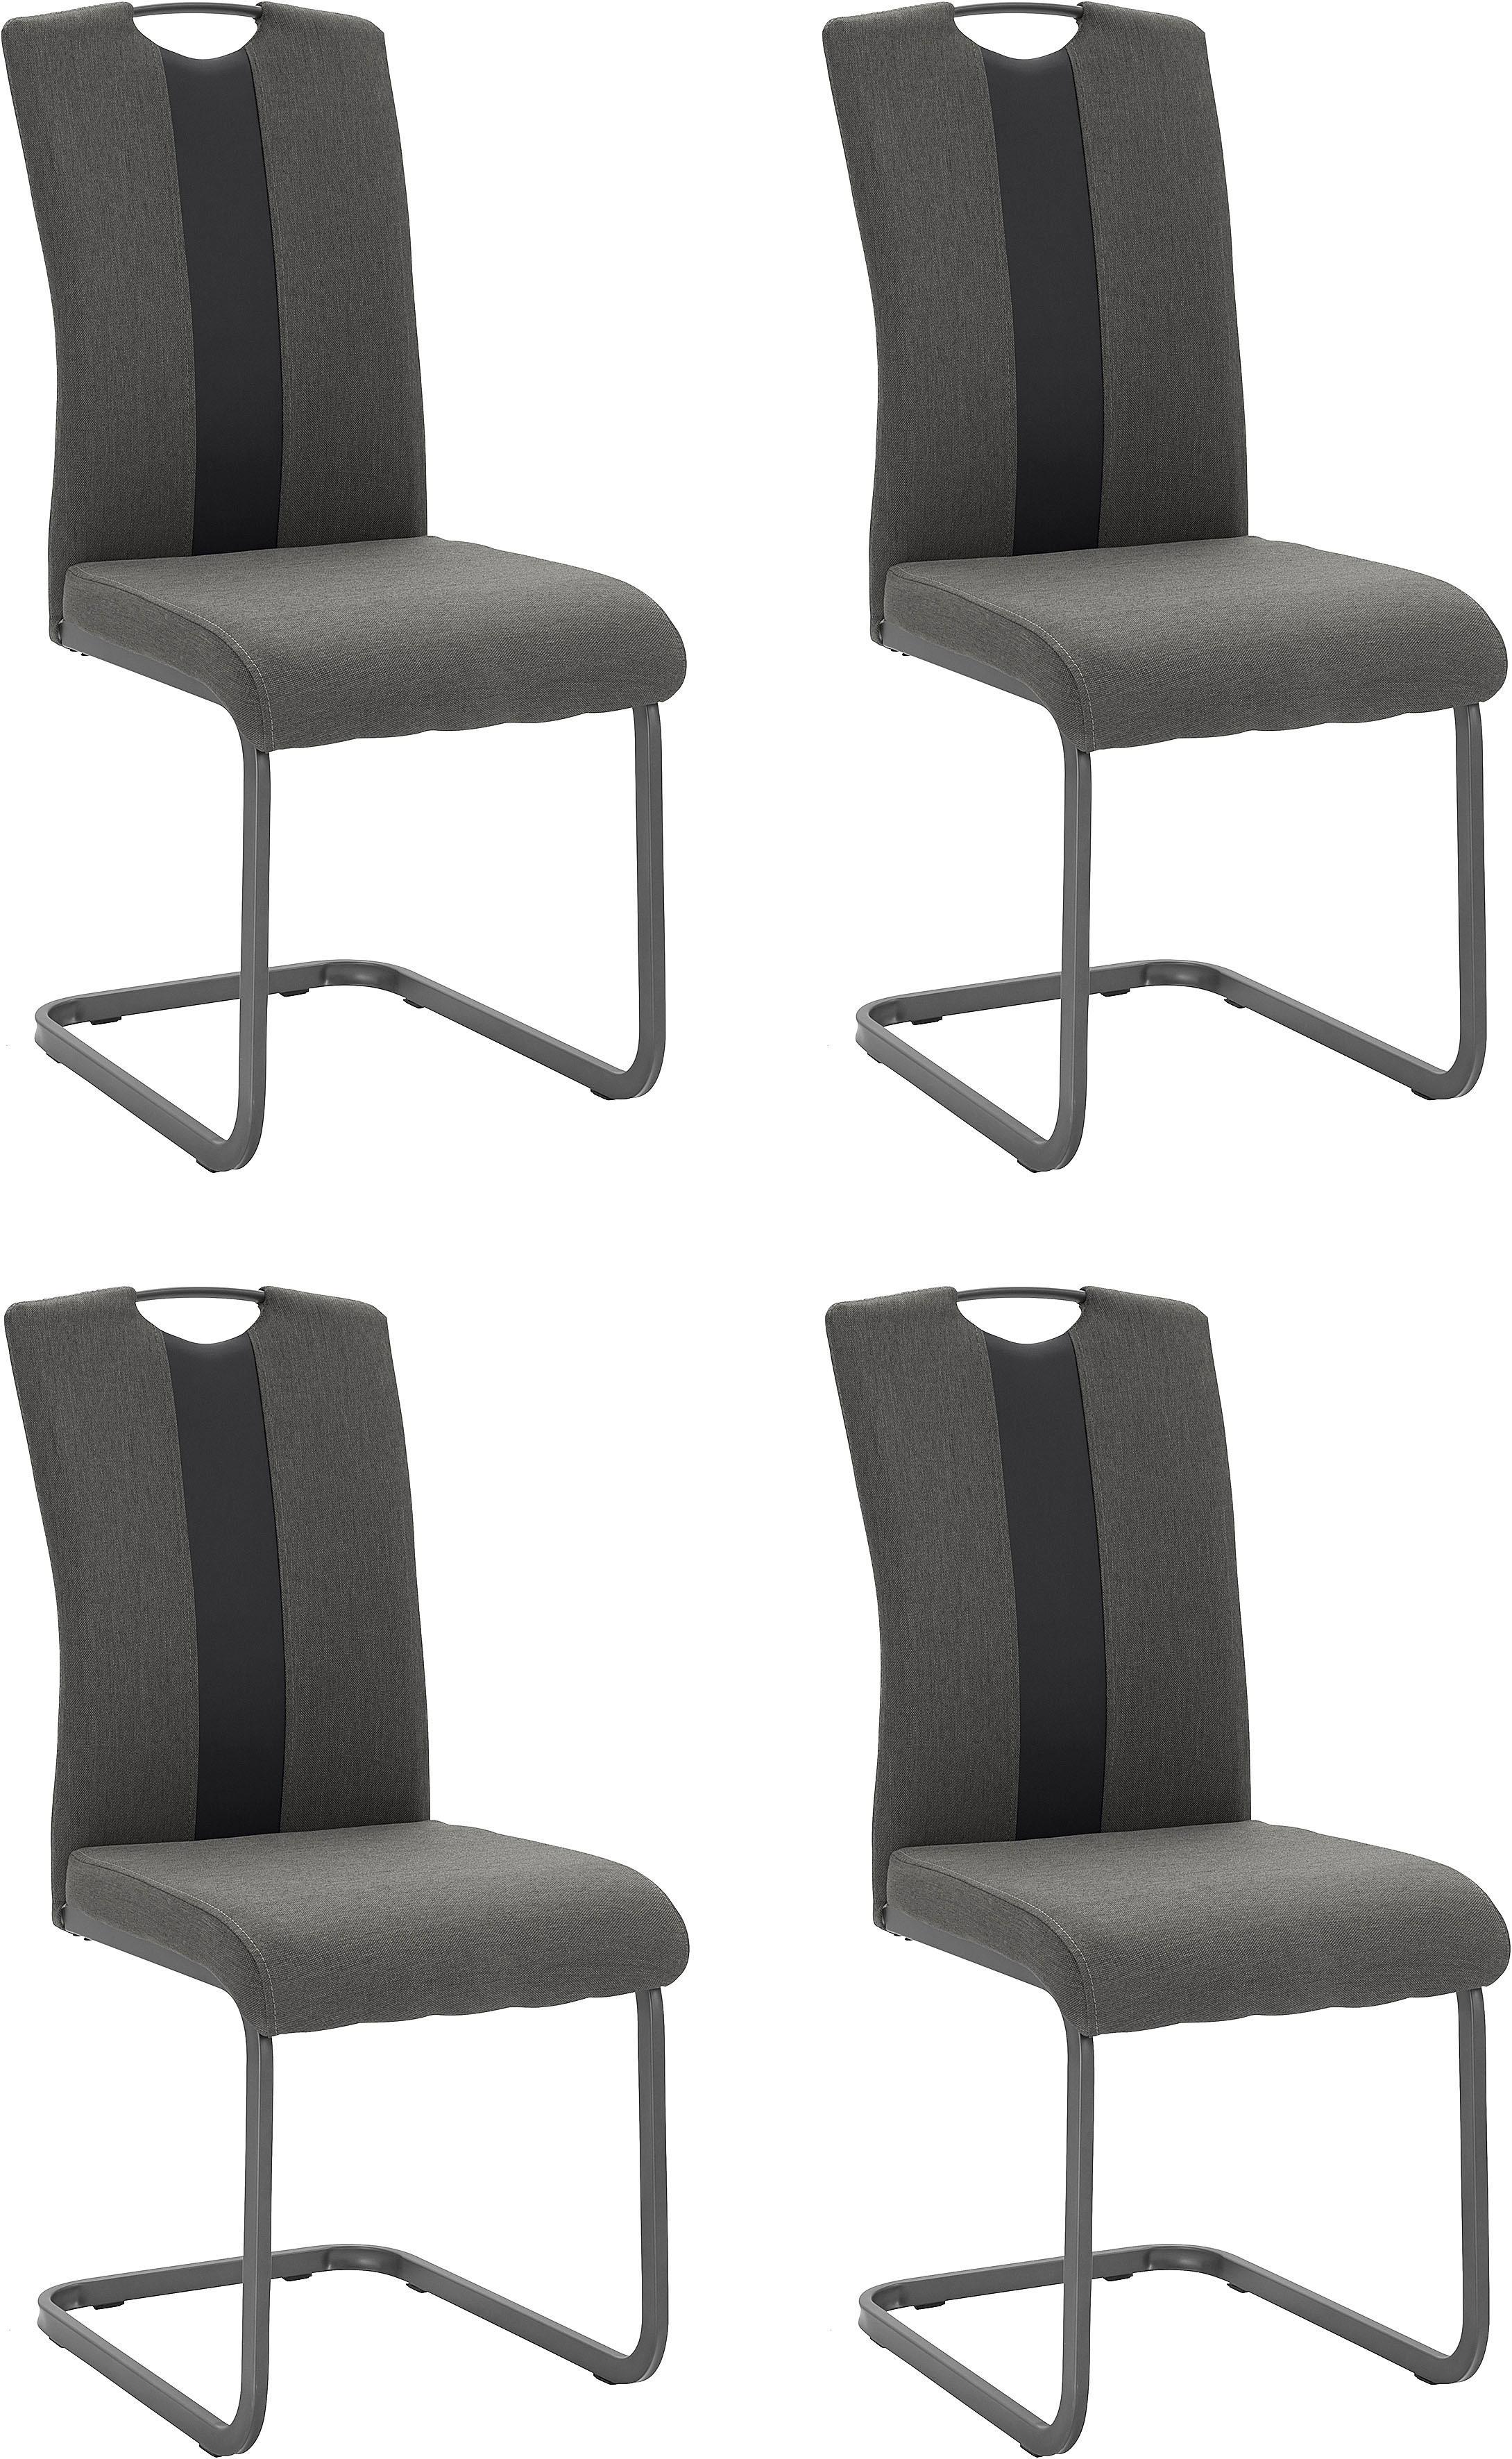 schwingstuhl preise vergleichen und g nstig einkaufen bei der preis. Black Bedroom Furniture Sets. Home Design Ideas